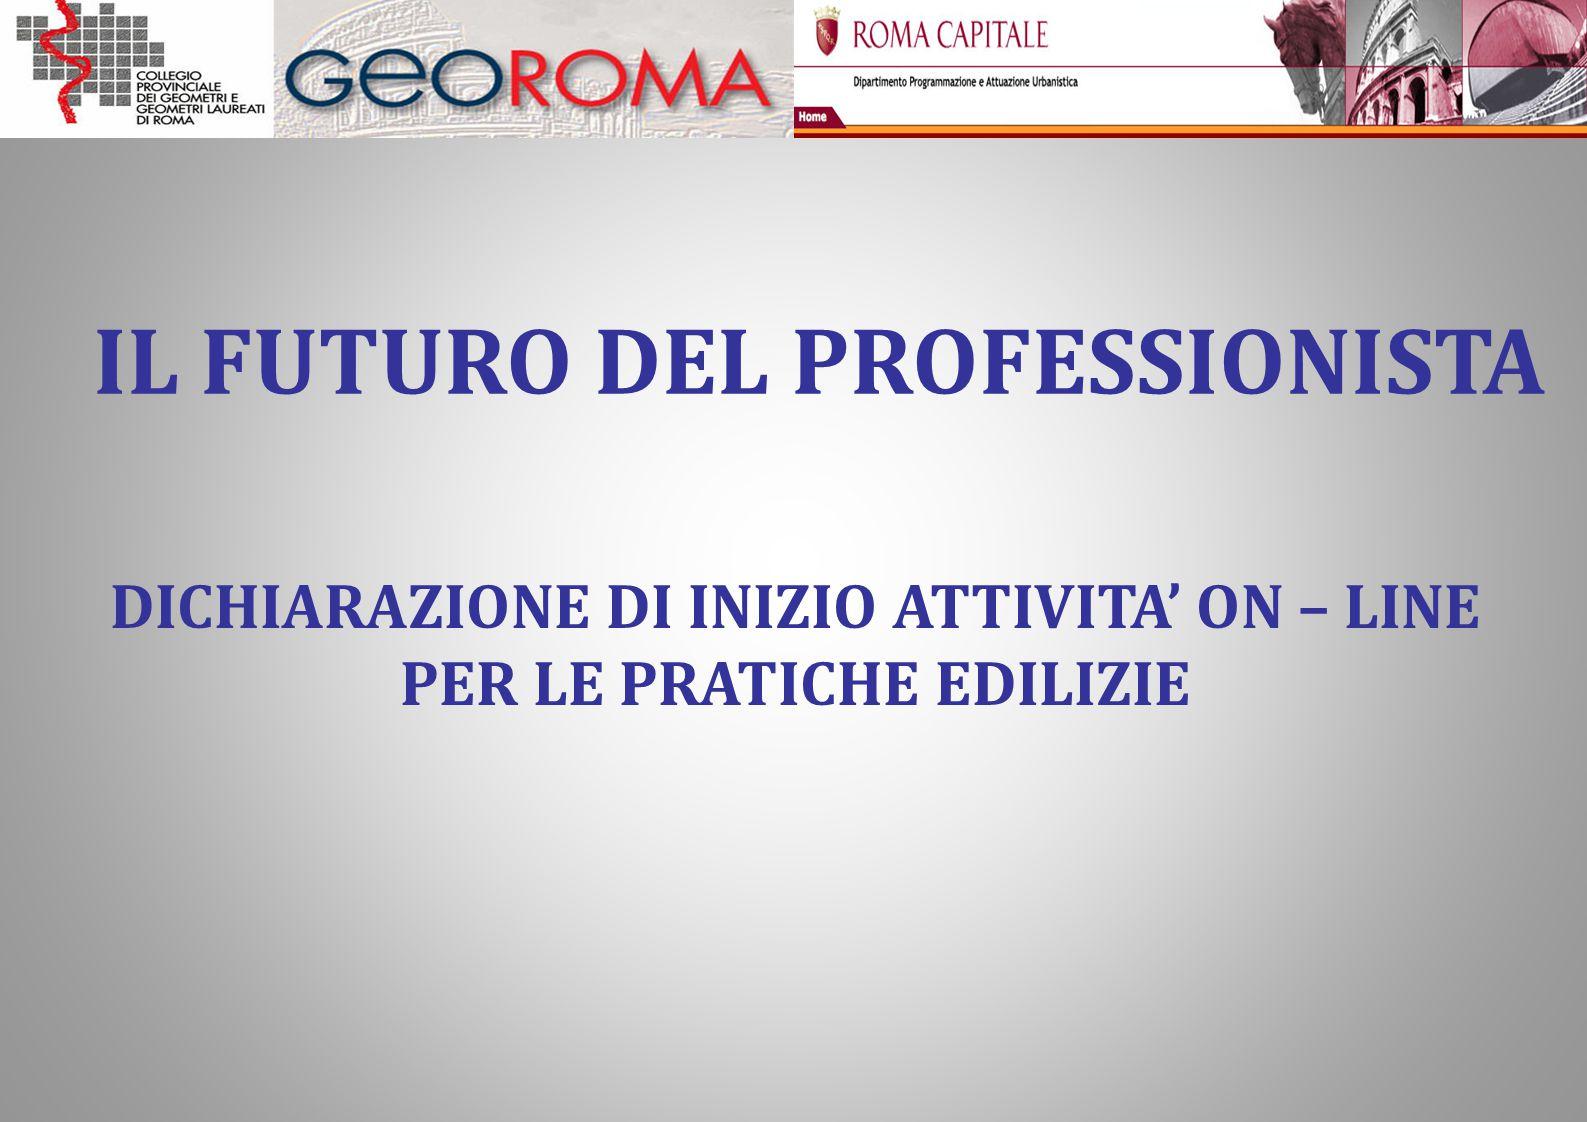 DICHIARAZIONE DI INIZIO ATTIVITA' ON – LINE PER LE PRATICHE EDILIZIE IL FUTURO DEL PROFESSIONISTA